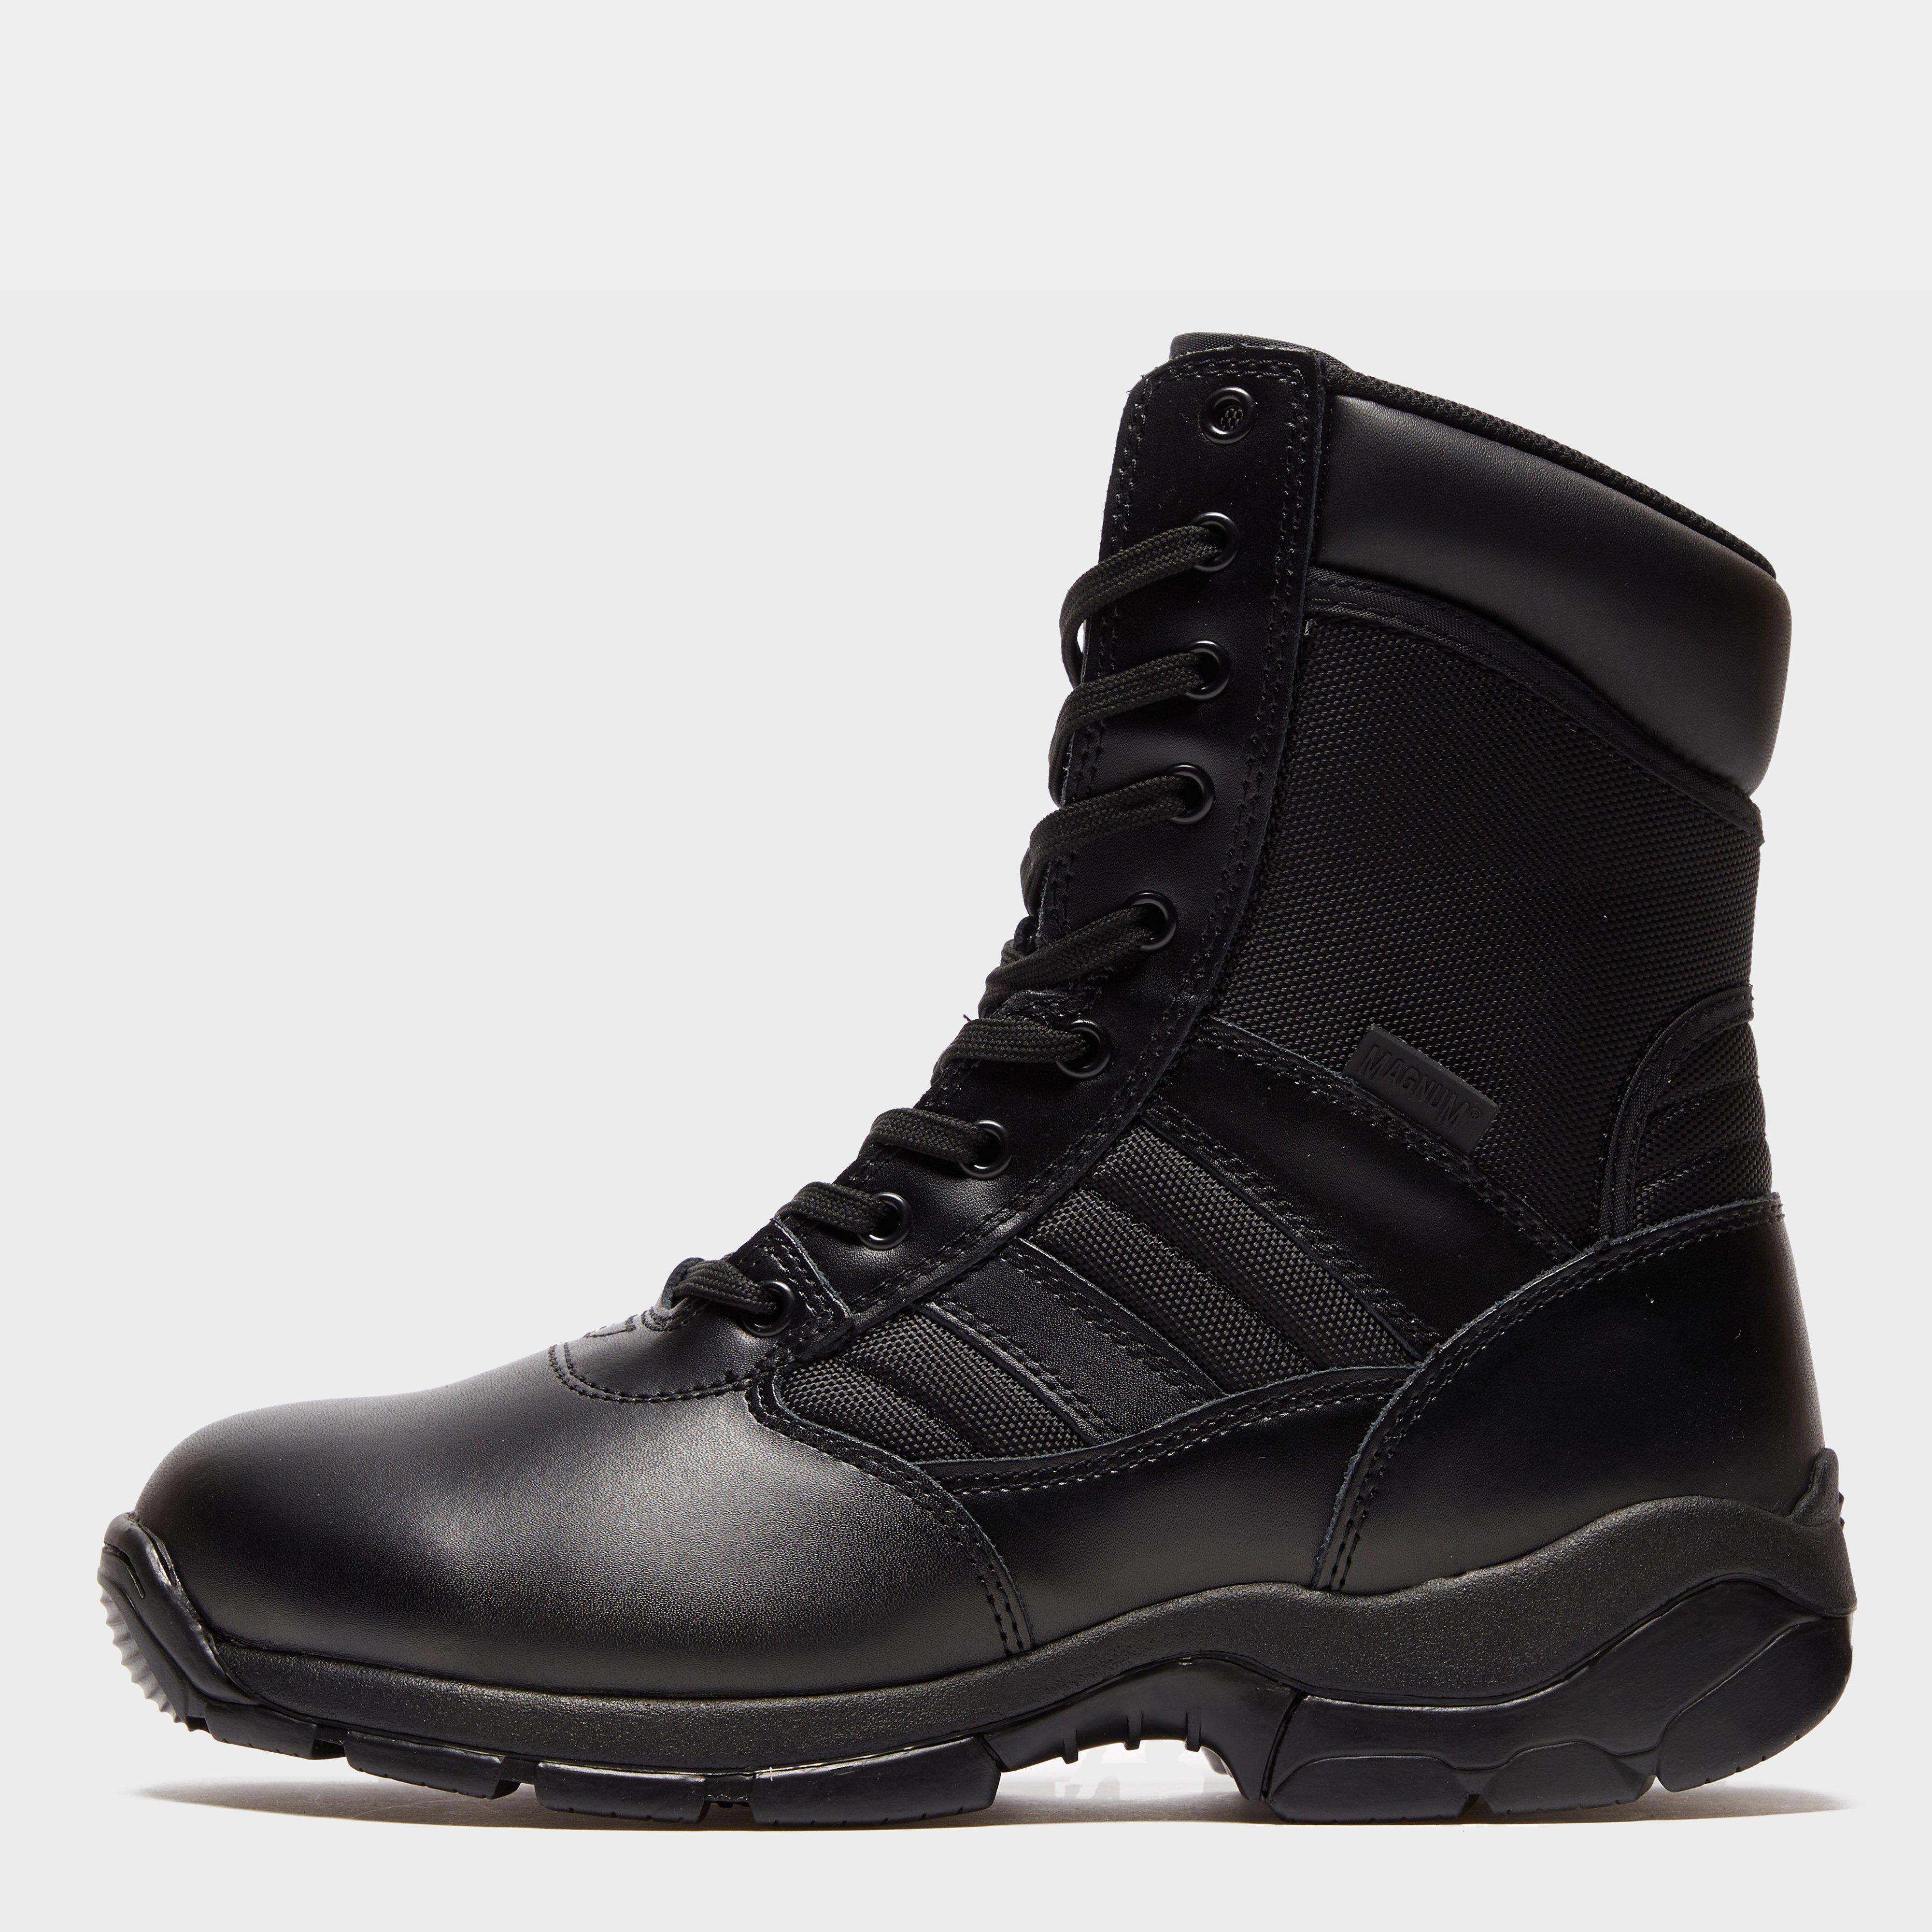 magnum Magnum Mens Panther Side Zip Industrial Work Boots - Black, Black